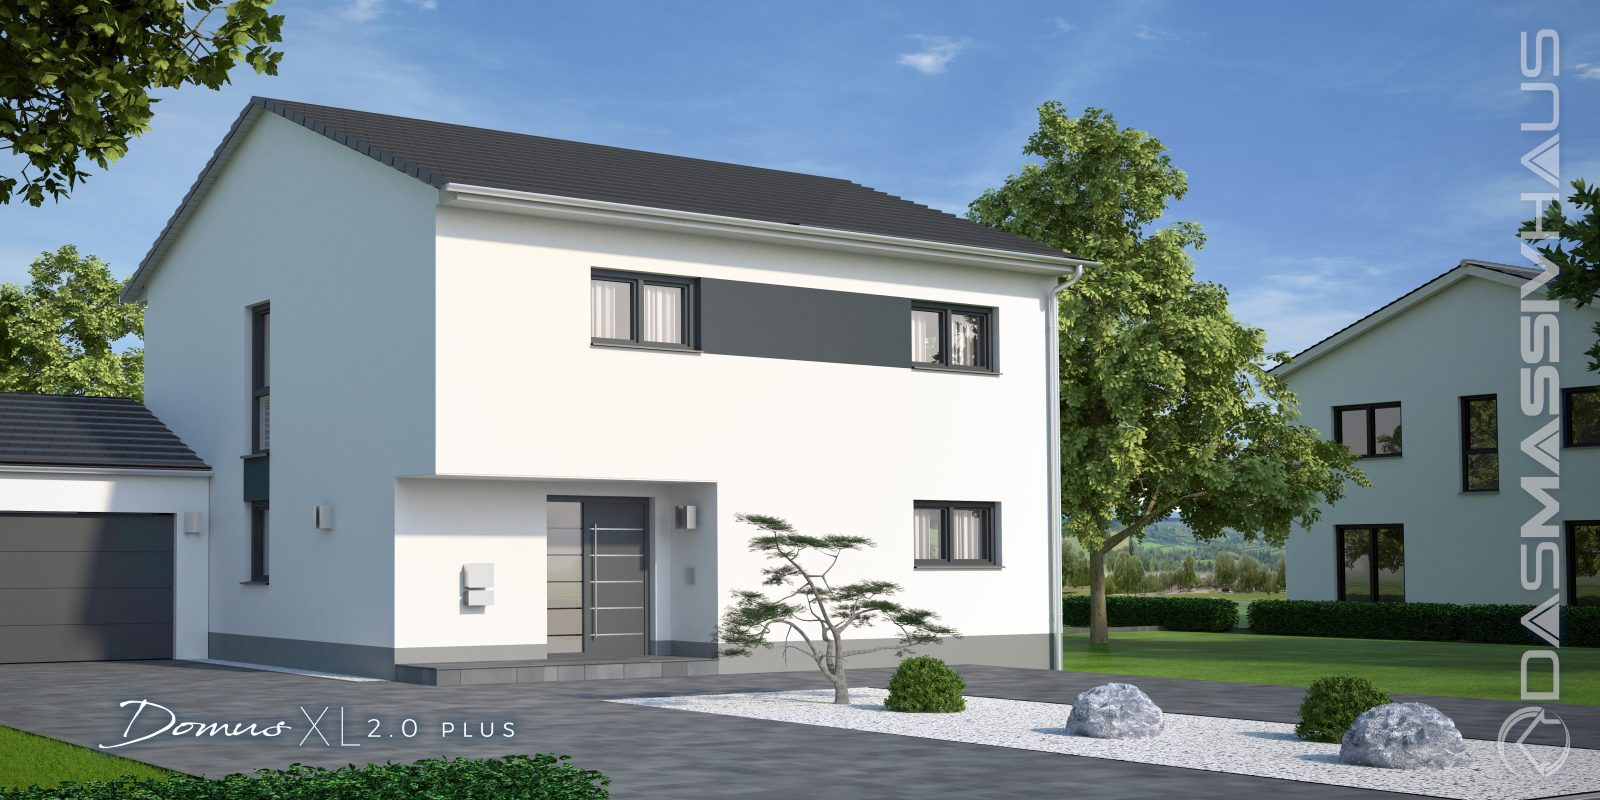 Hausbesichtigung Eines Domus Xl In 41569 Rommerskirchen Dasmassivhaus